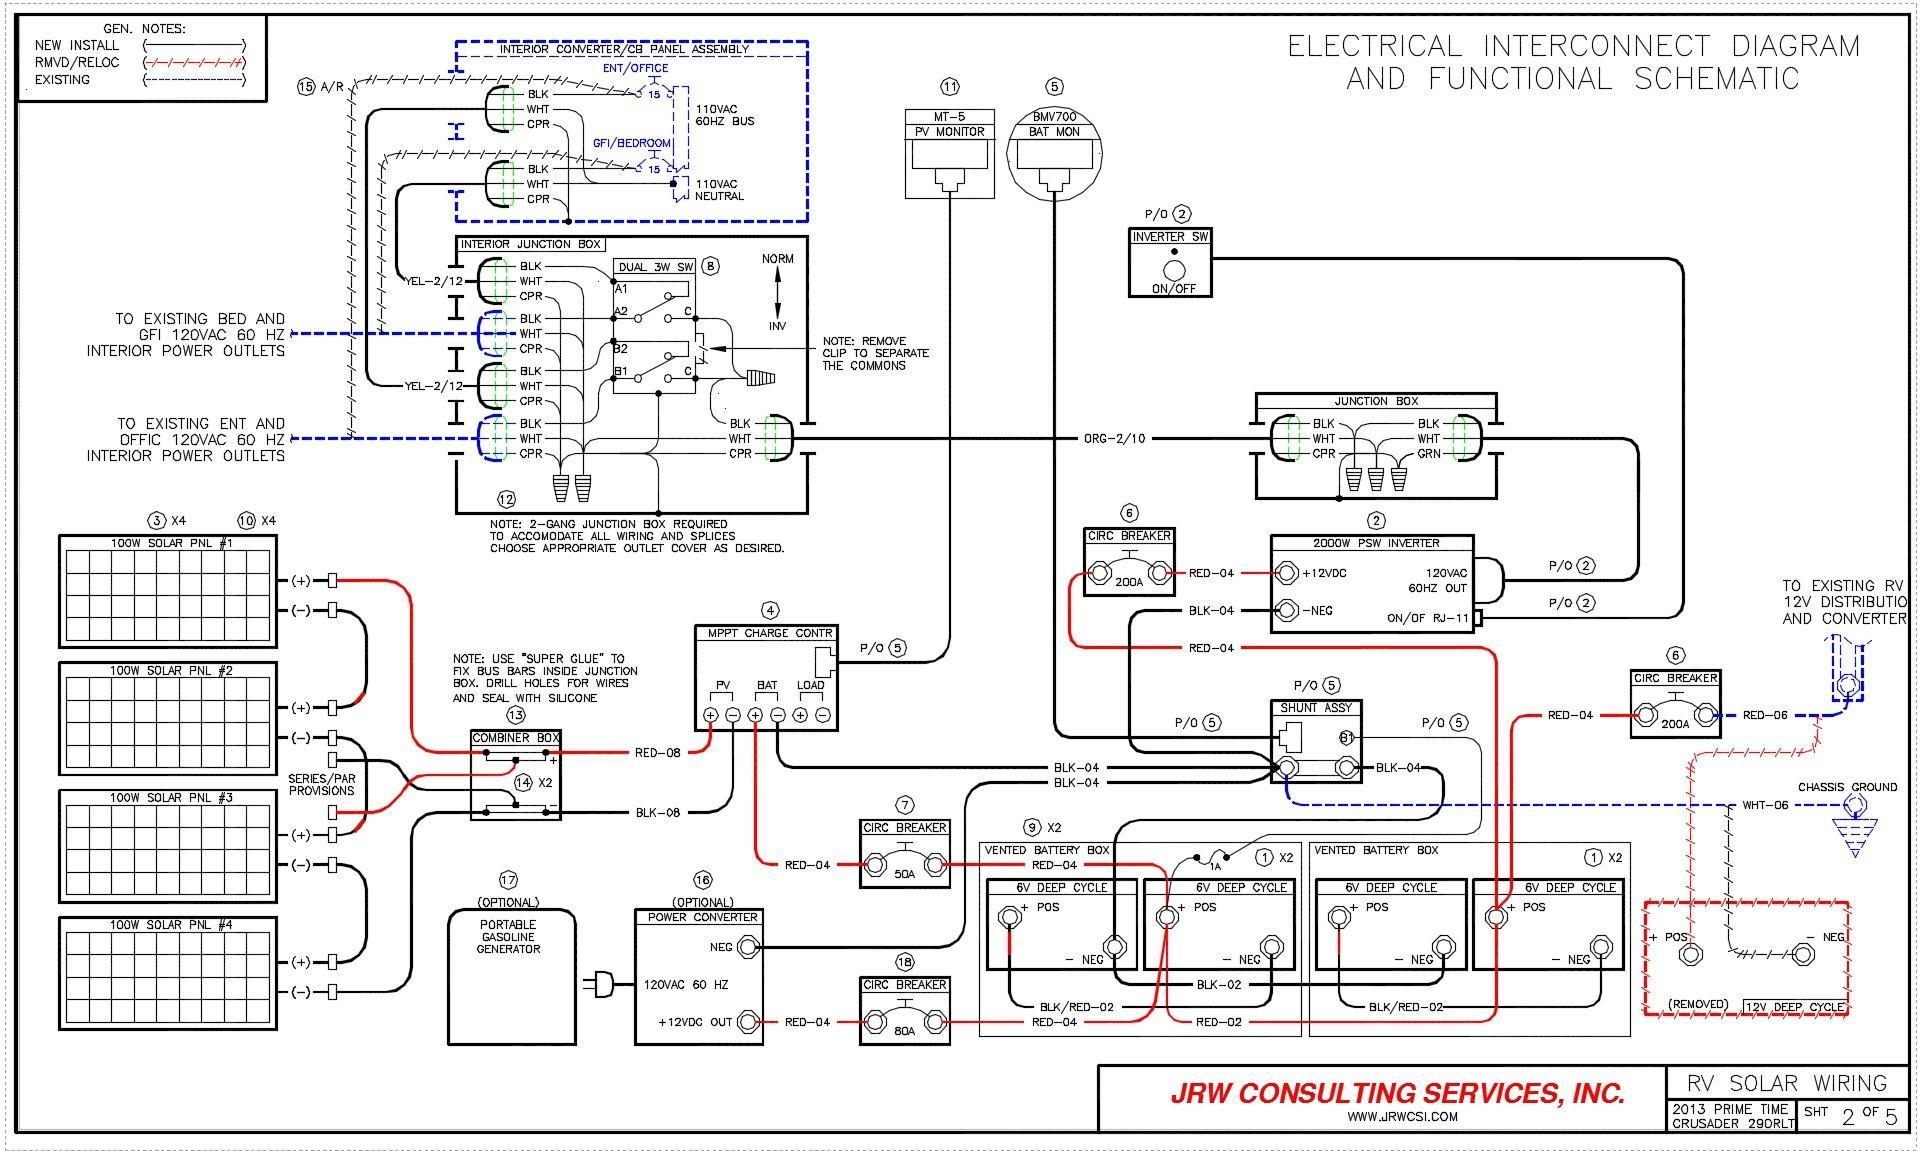 Holiday Rambler Battery Wiring Diagram | Manual E-Books - Holiday Rambler Wiring Diagram